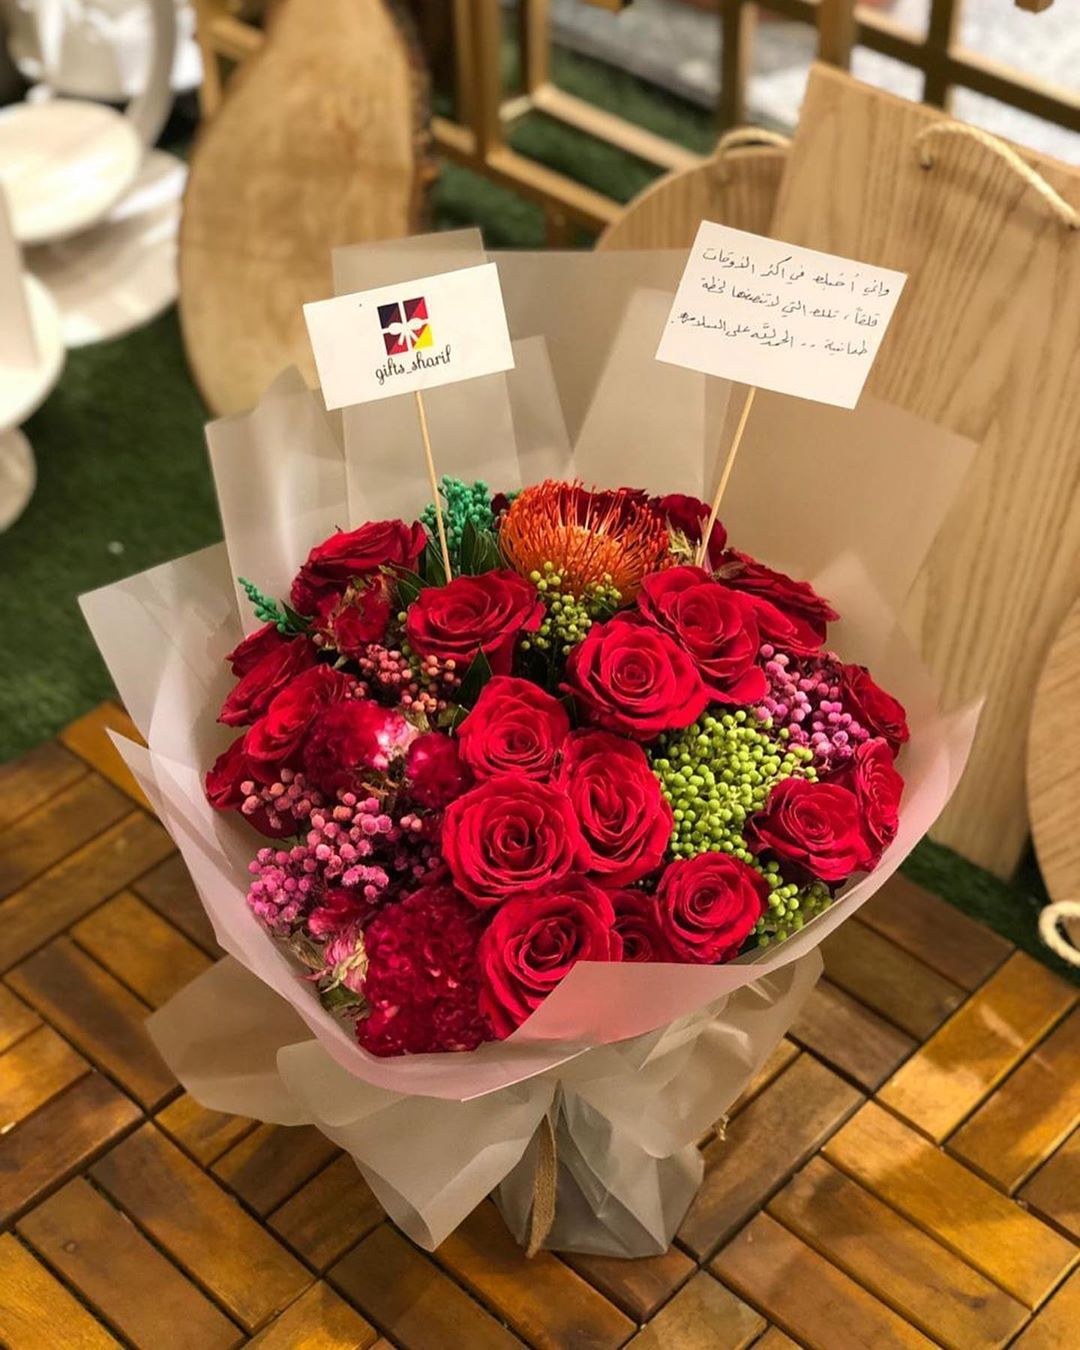 مساء الورد هدايا شريف Gifts Sharif لمشاهدة جميع الصور لفو الشاشه لليسار عبارة عن بوكية ورد Gift Blog Gifts Diy